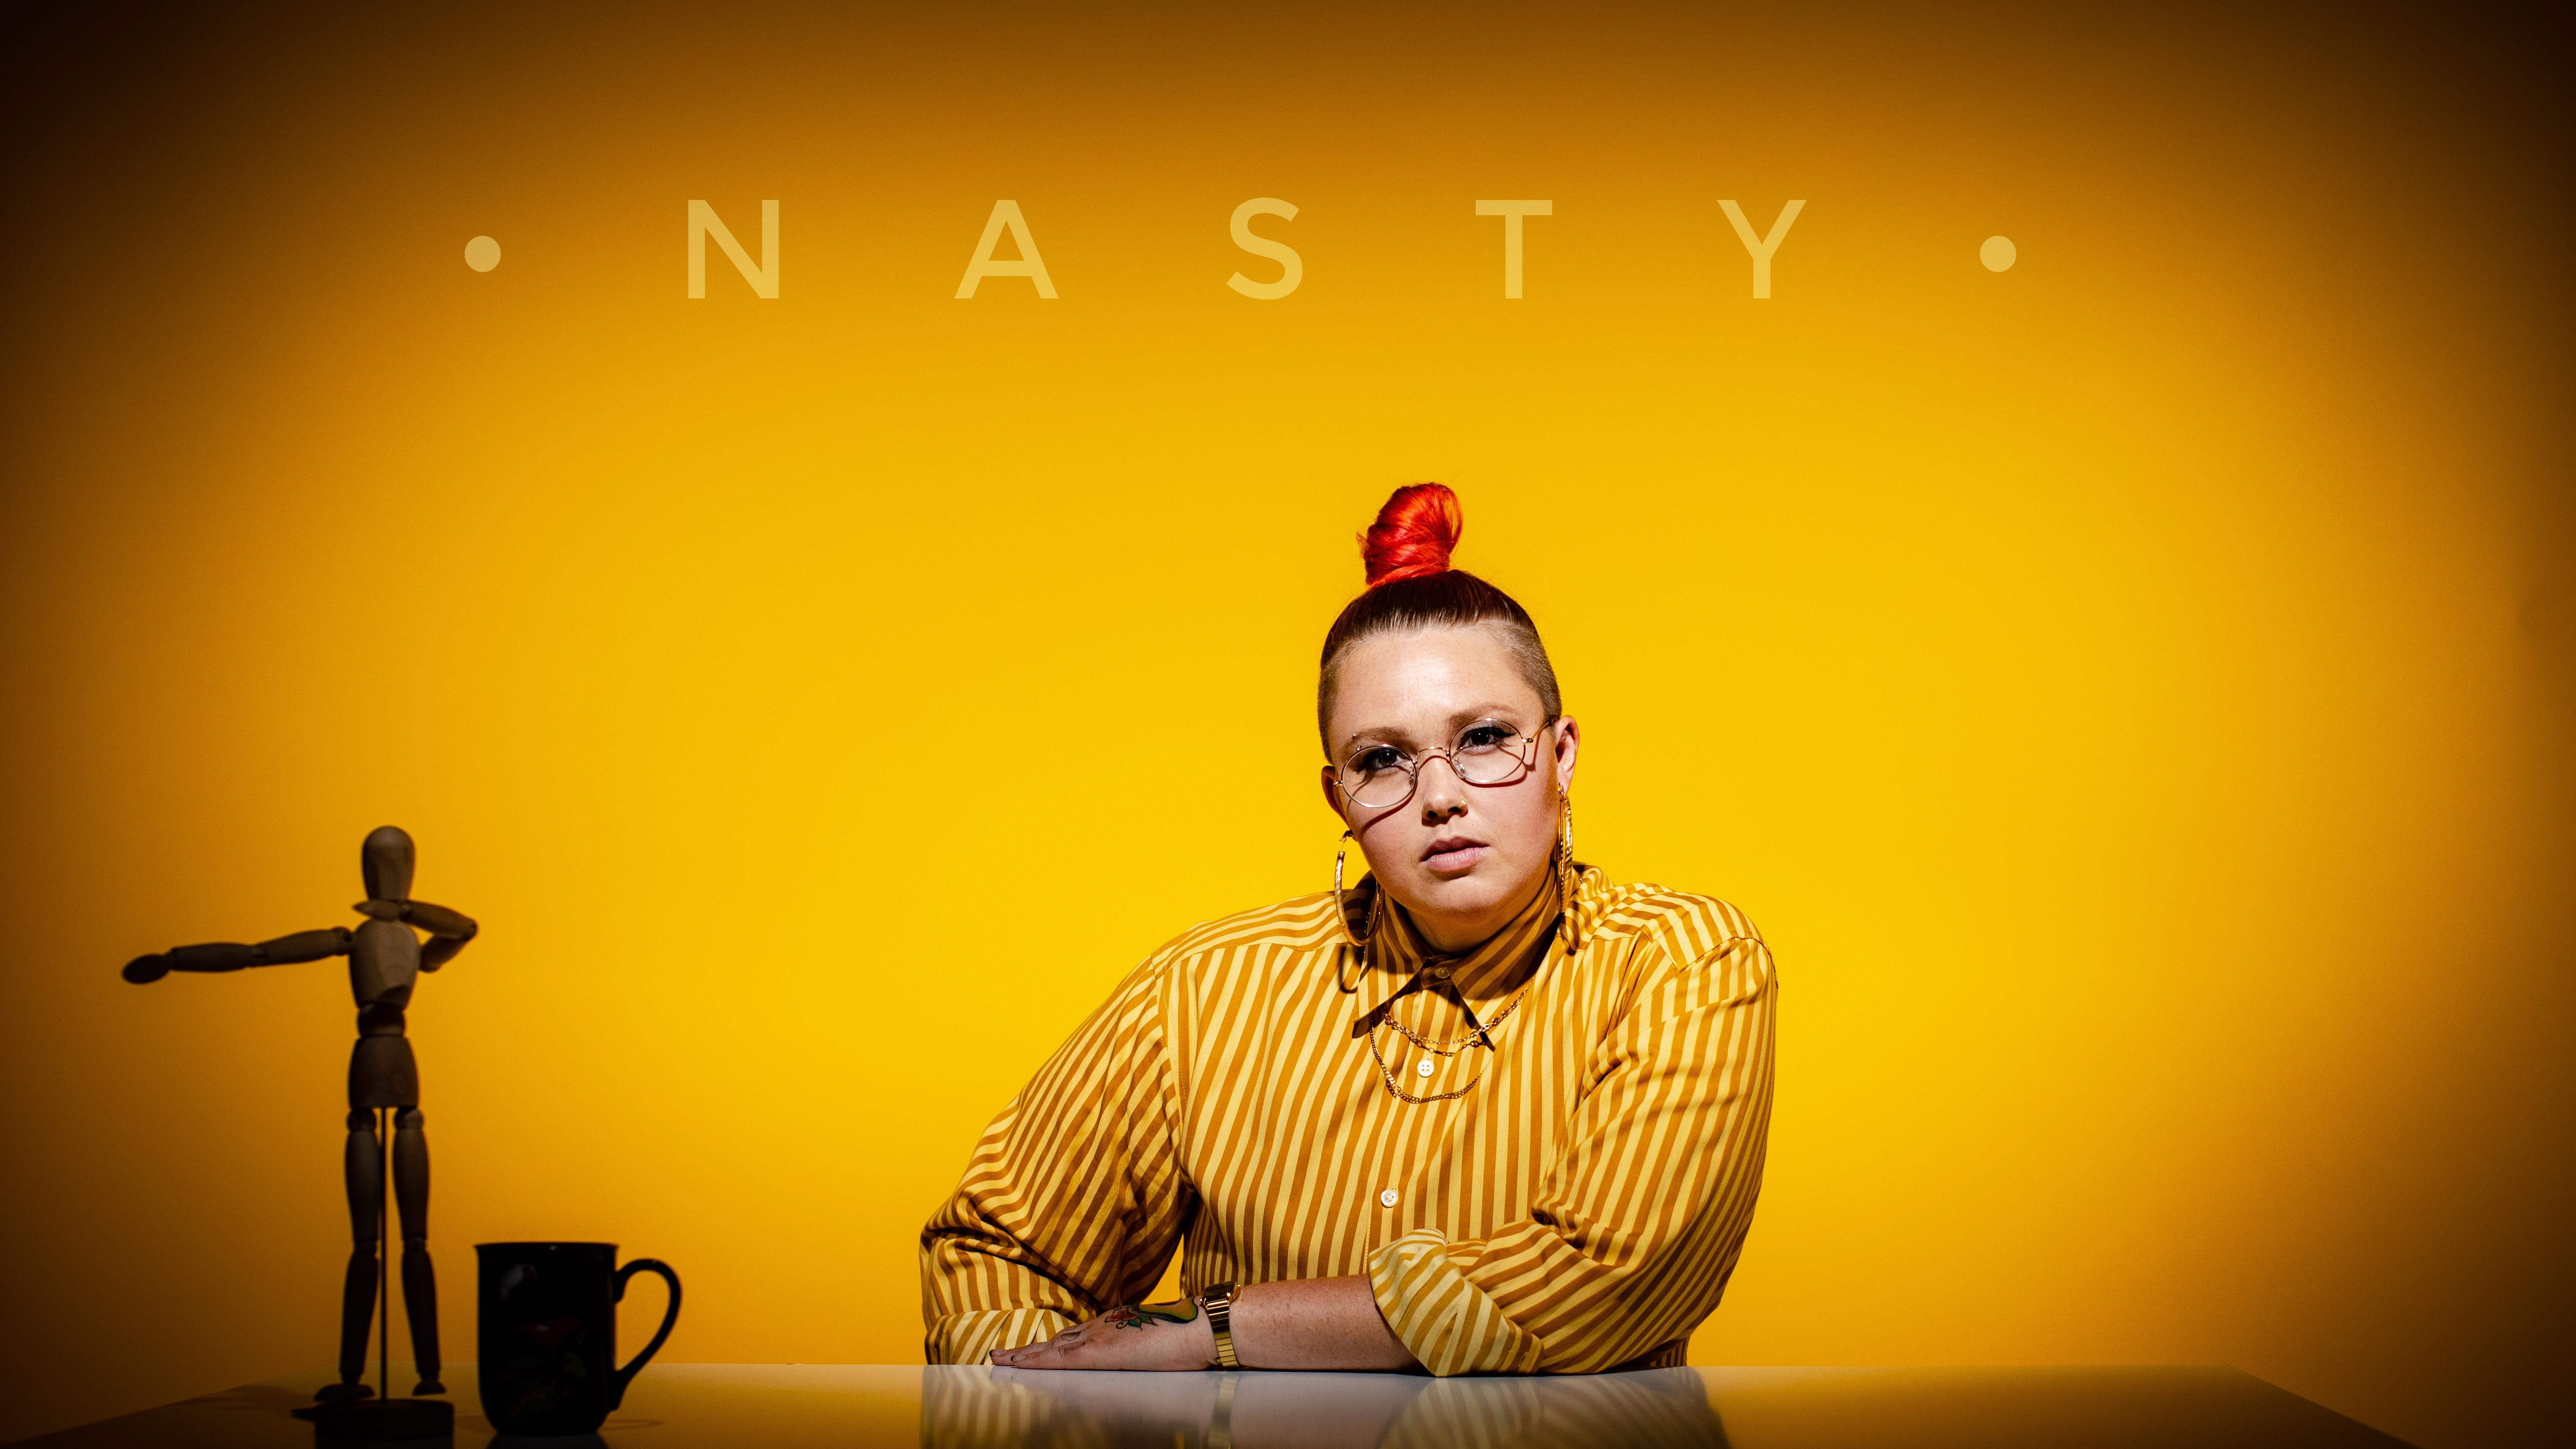 Nasty S